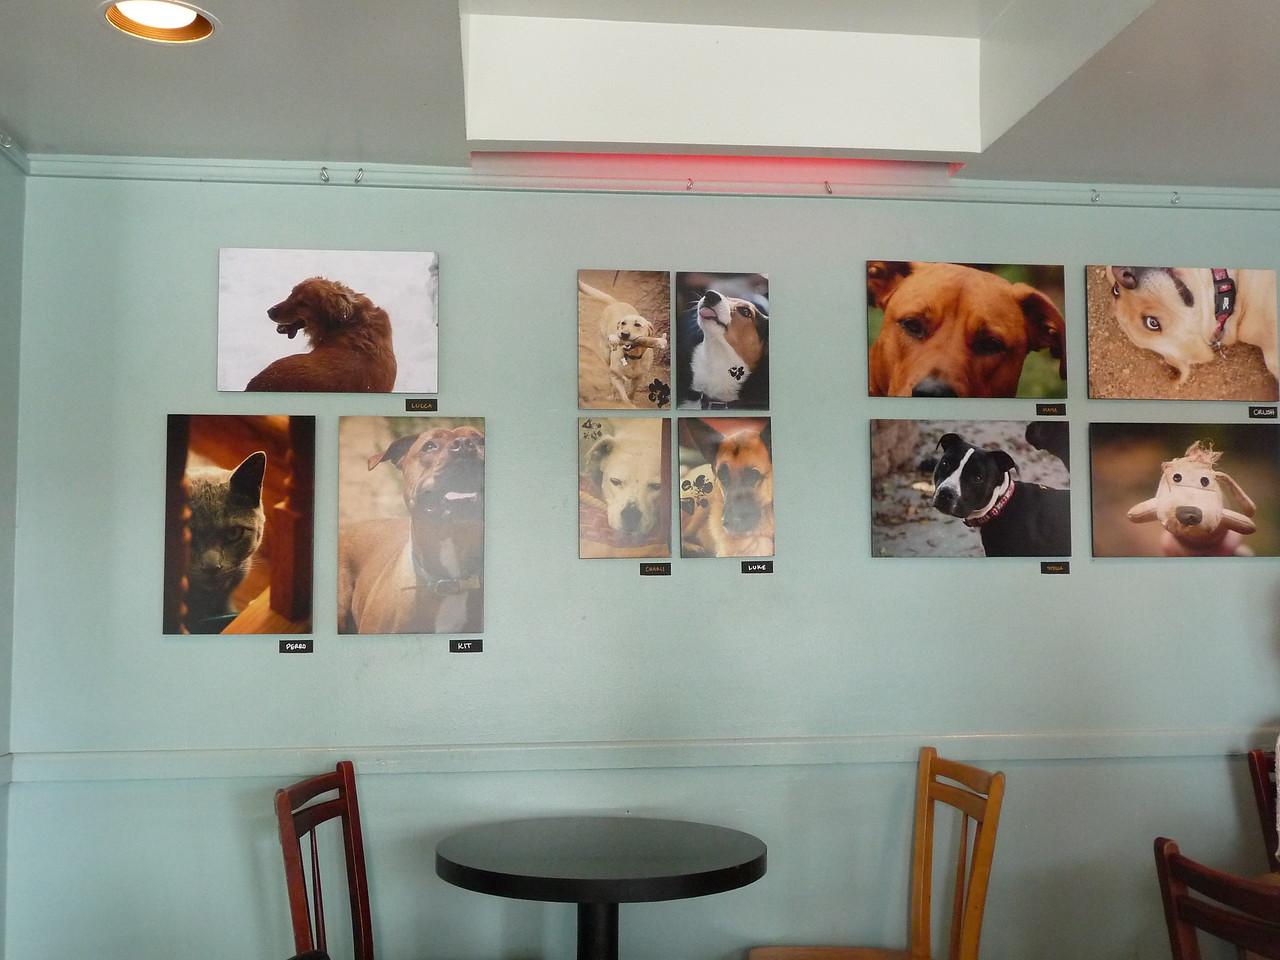 Tessa's Photography Exhibit at Gelato Vero